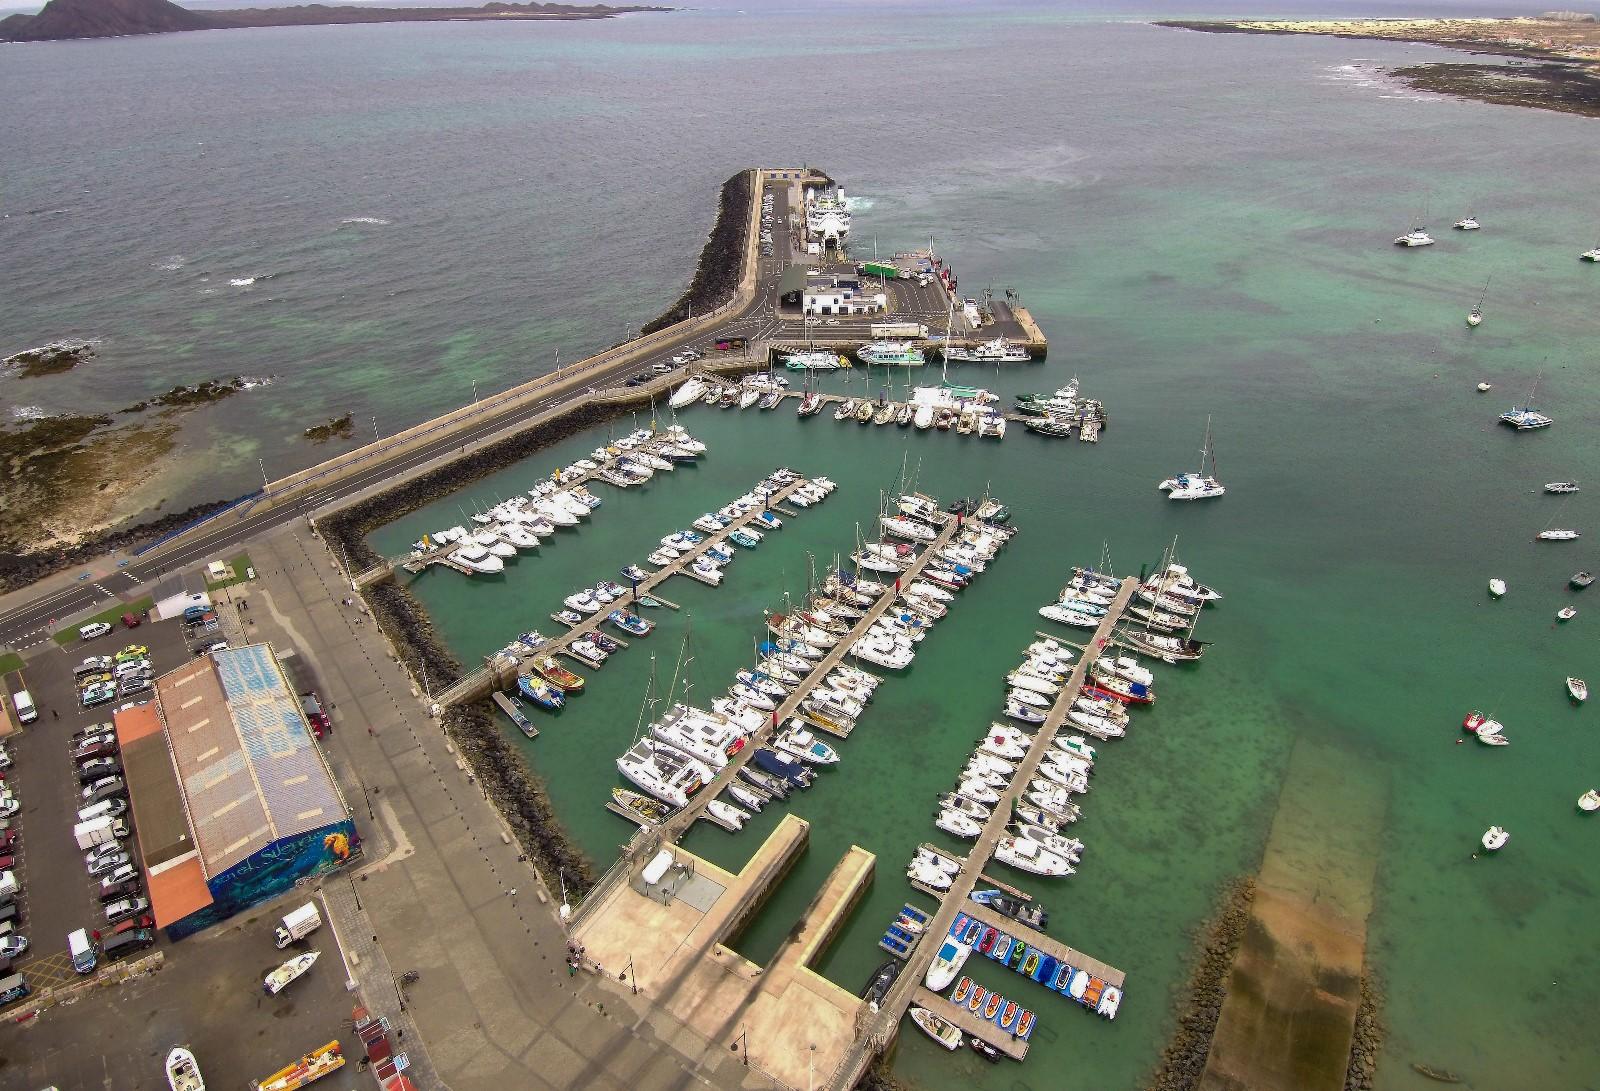 Puerto de Corralejo, La Oliva. Fuerteventura